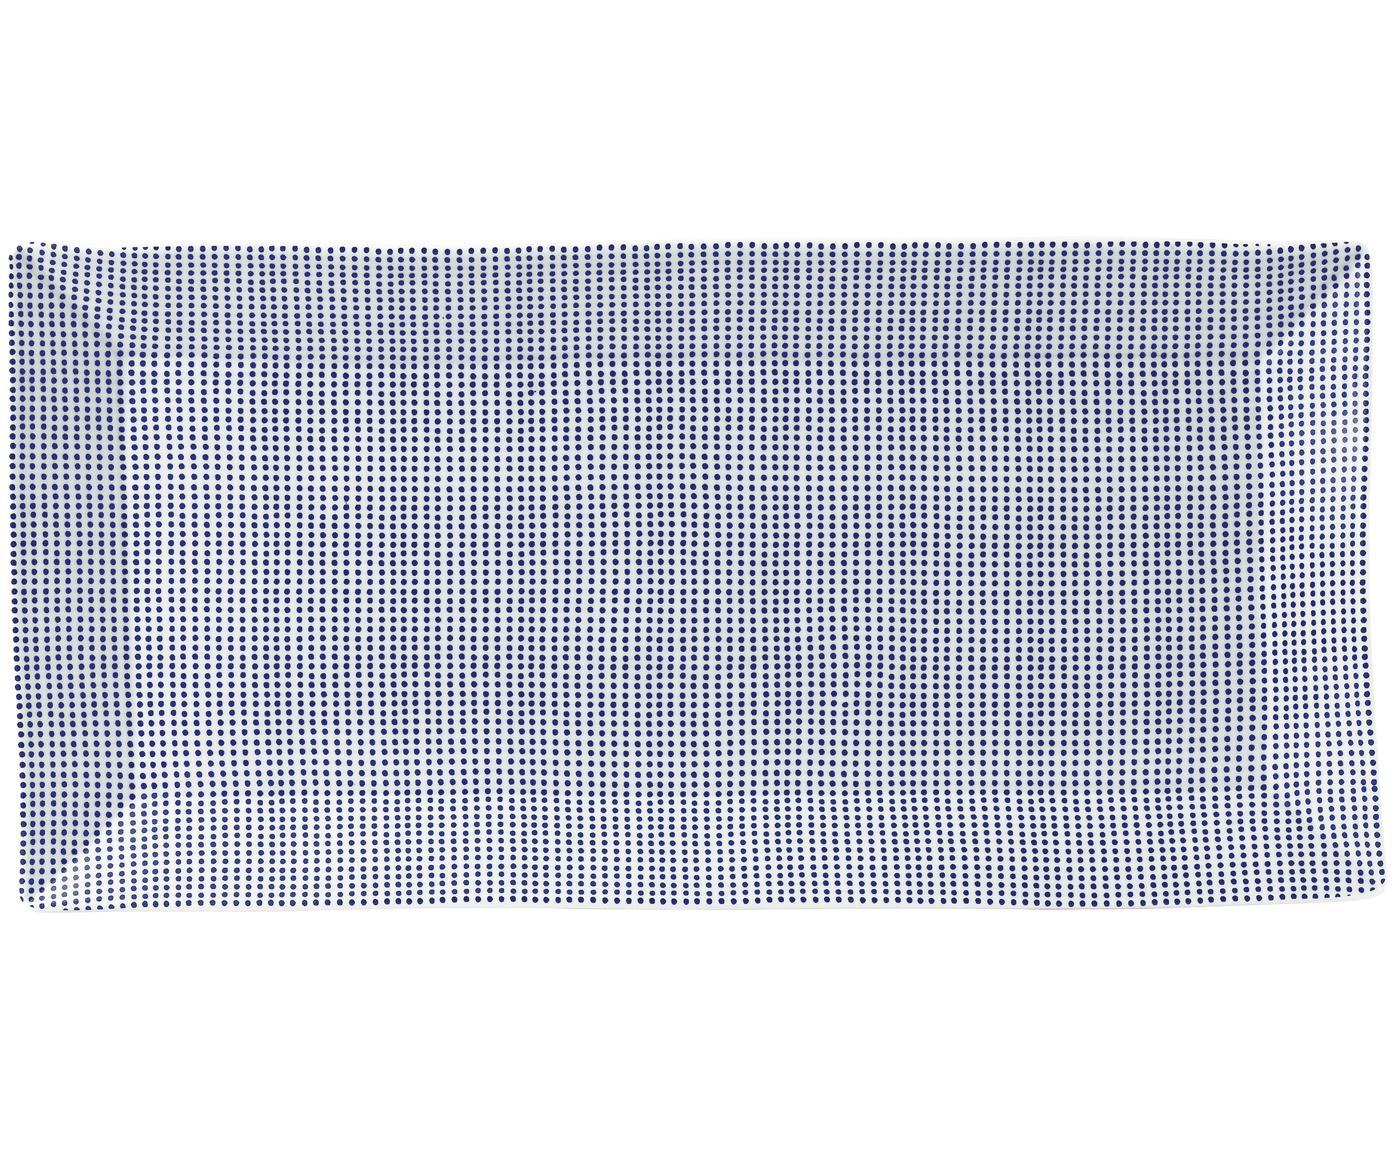 Piatto da portata in porcellana Pacific, Porcellana, Bianco, blu, Lung. 39 x Larg. 18 cm